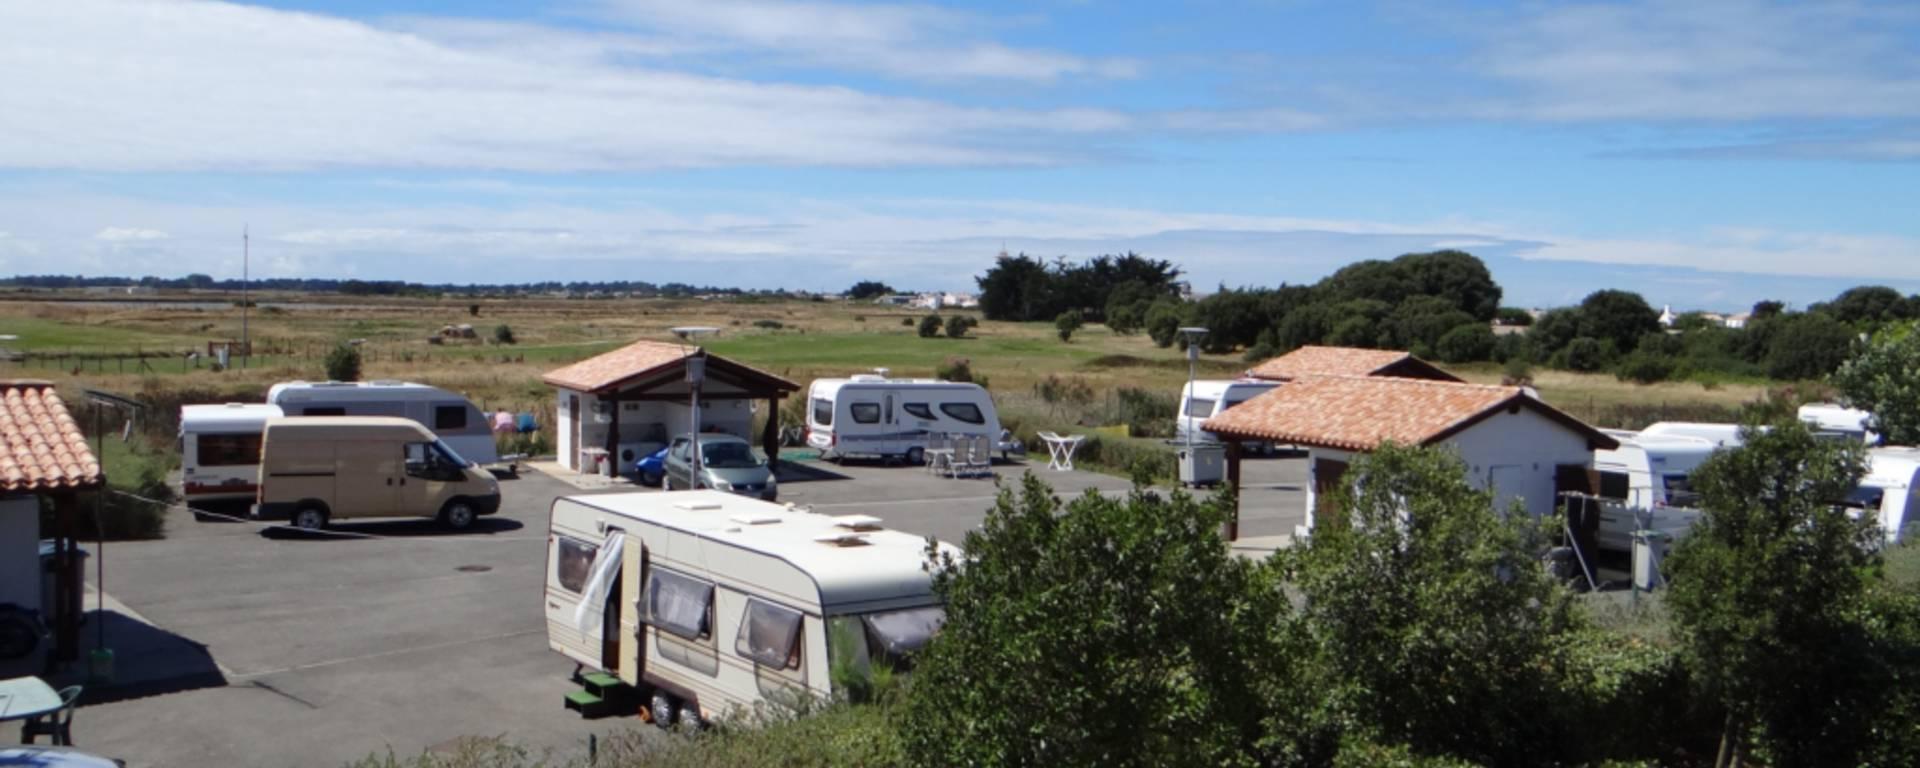 Ile de Noirmoutier, aire d'accueil